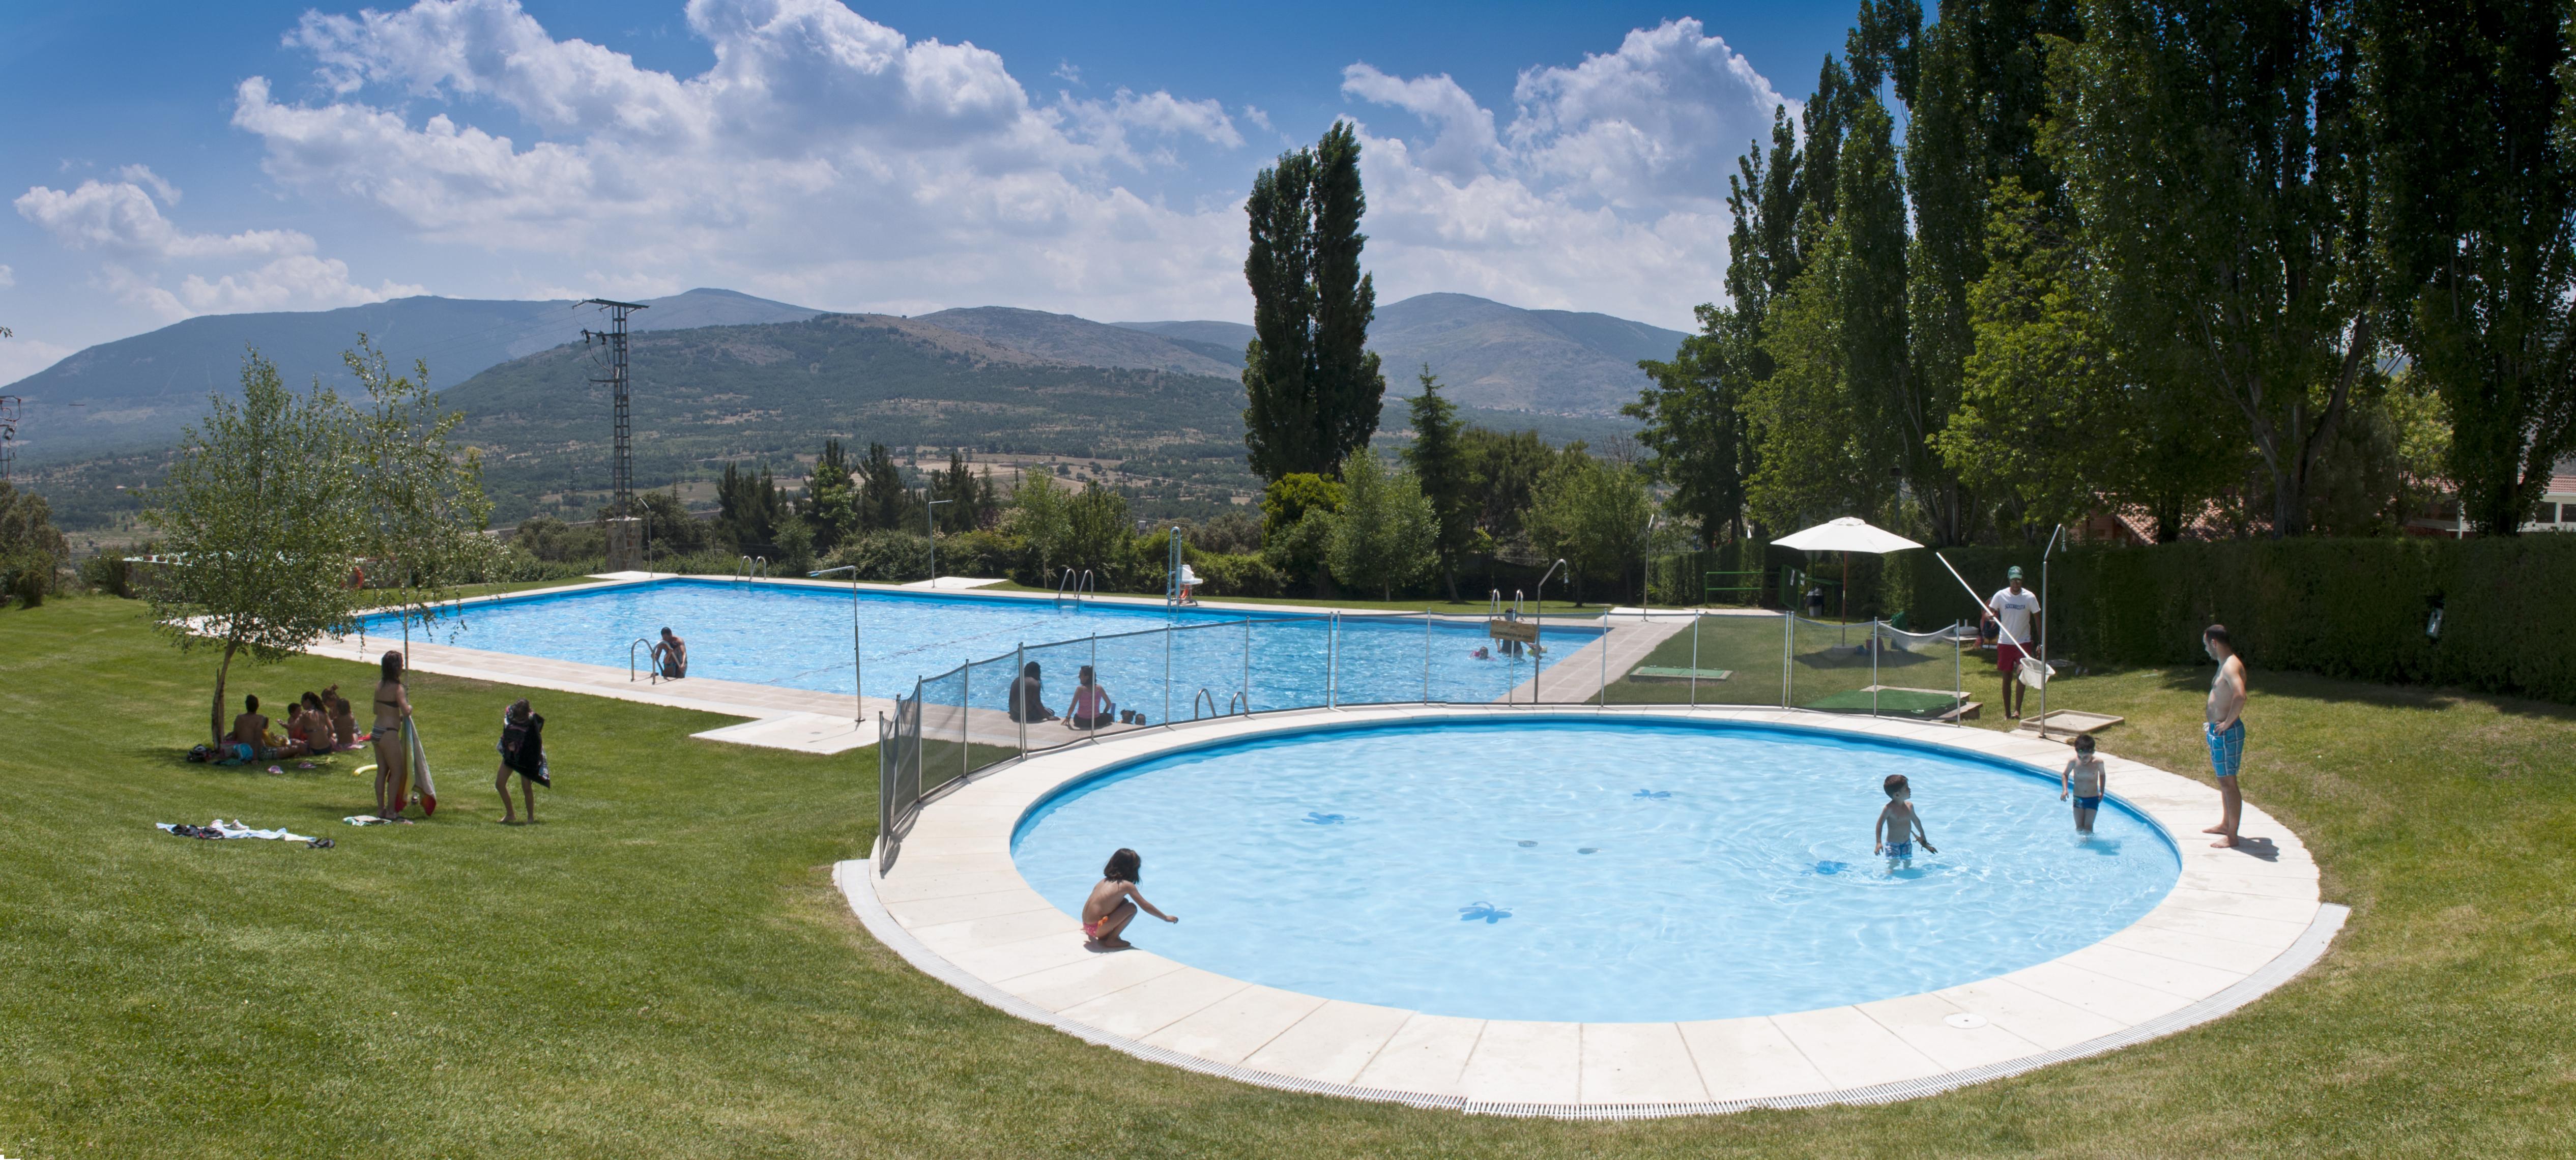 Caba as en los rboles en madrid gu a de la madre moderna - Camping en oliva con piscina ...